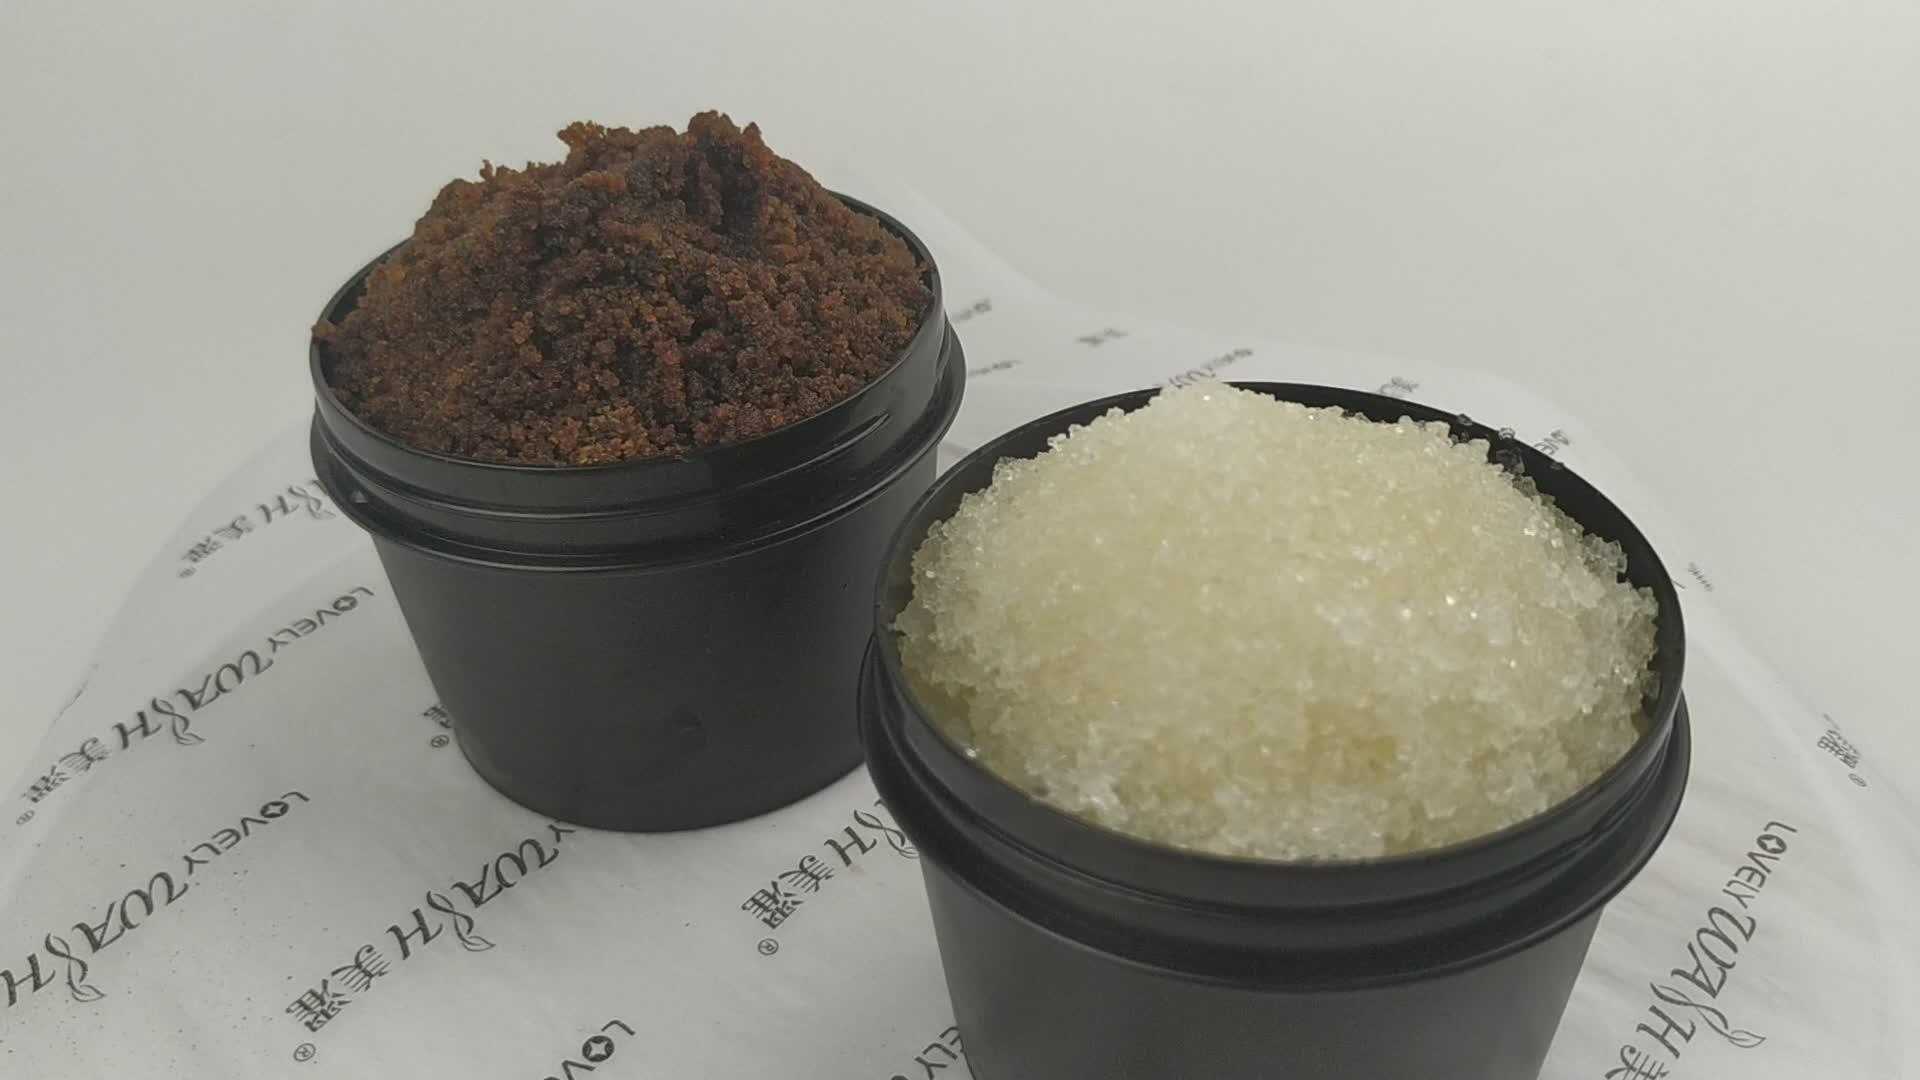 パーソナライズ塩有機コーヒー砂糖ボディスクラブ瓶